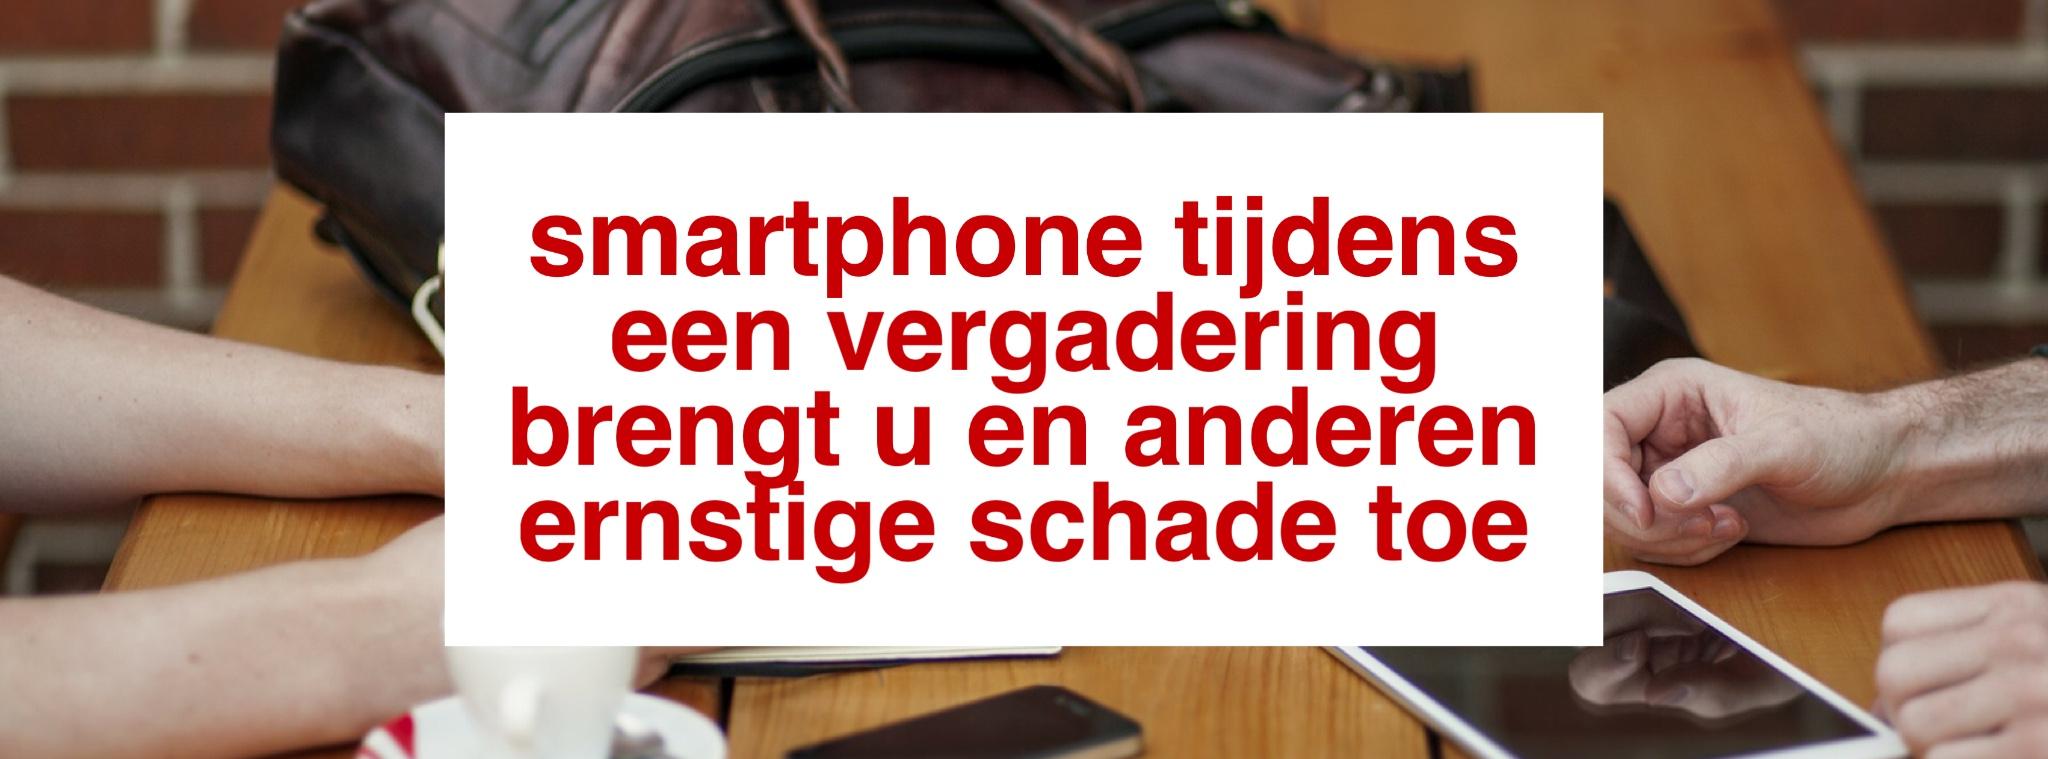 Smartphones tijdens vergaderingen leveren stress op